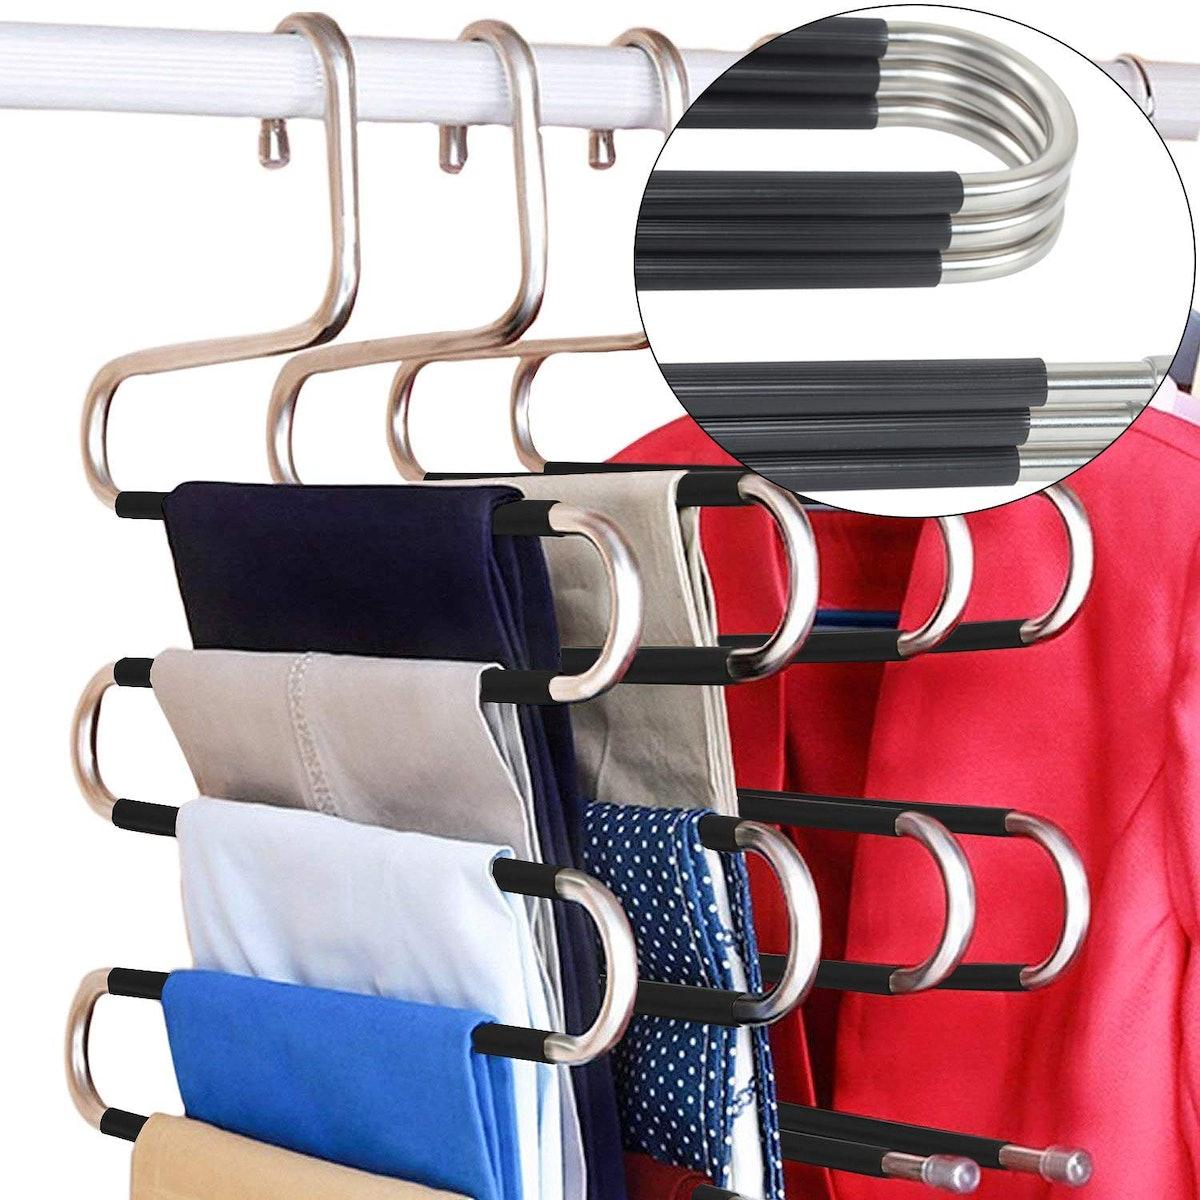 DOIOWN Pants Hangers (5-Piece Set)